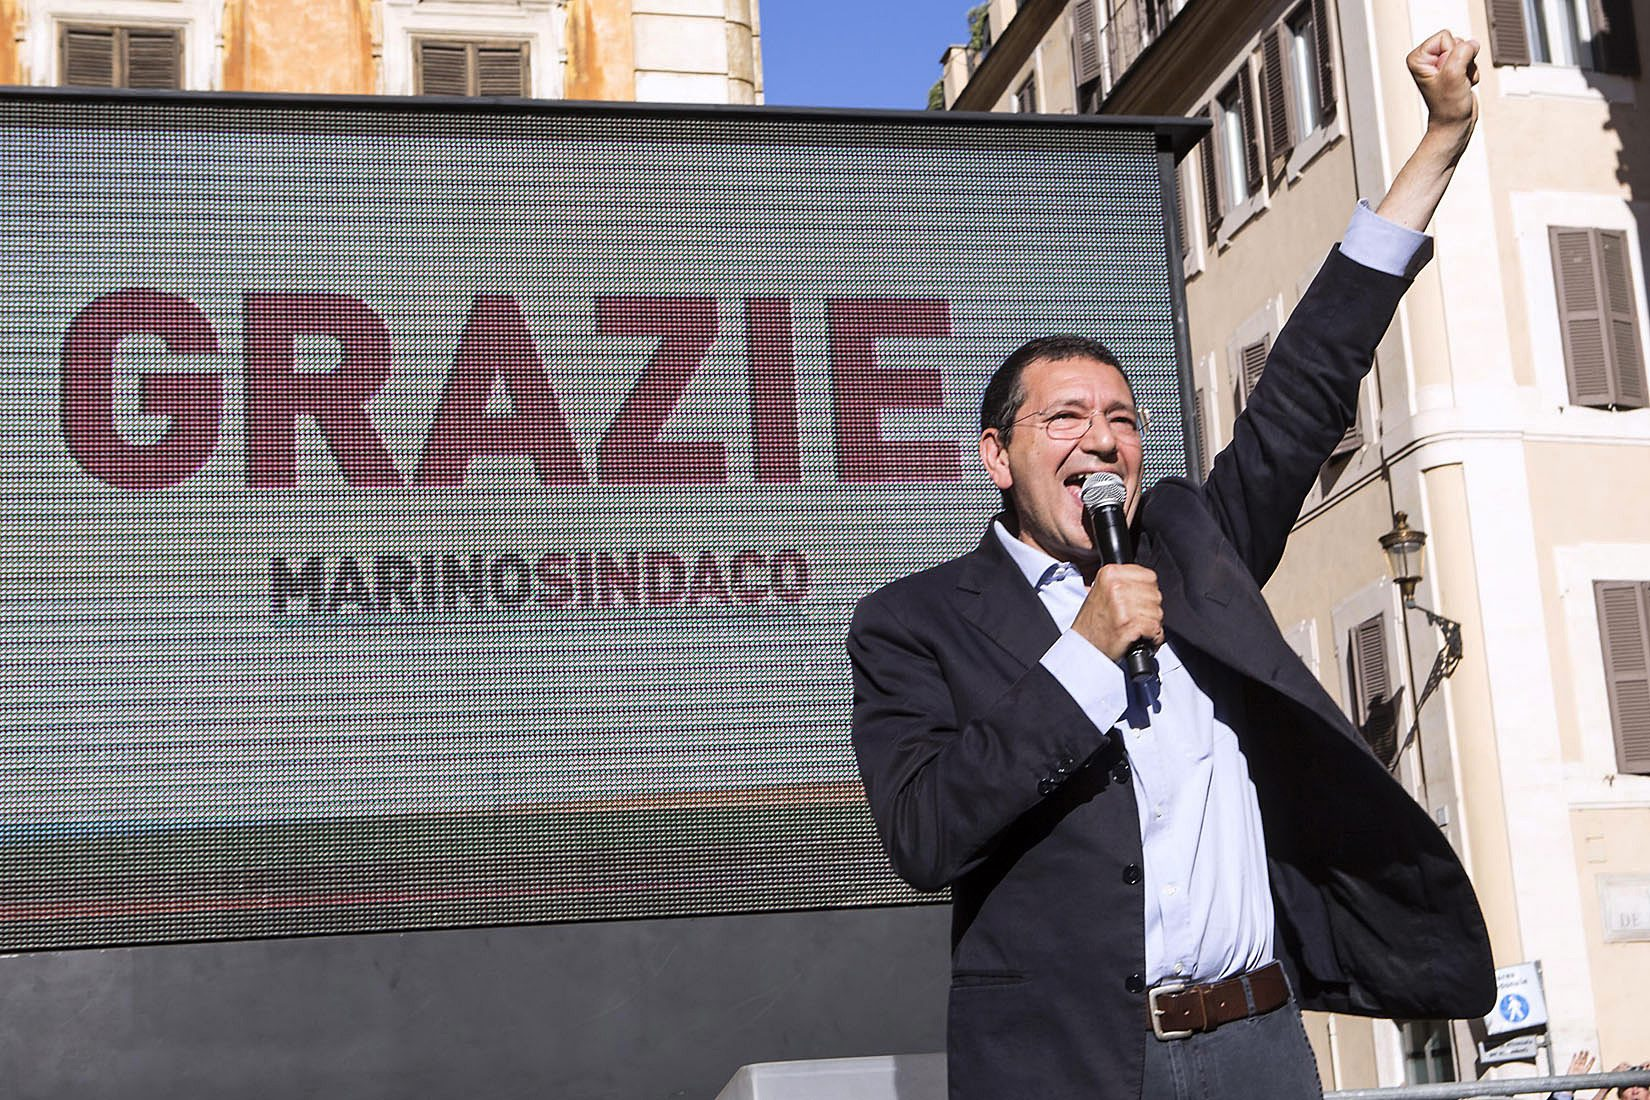 Les municipales italiennes largement favorables au Mouvement Cinq Etoiles